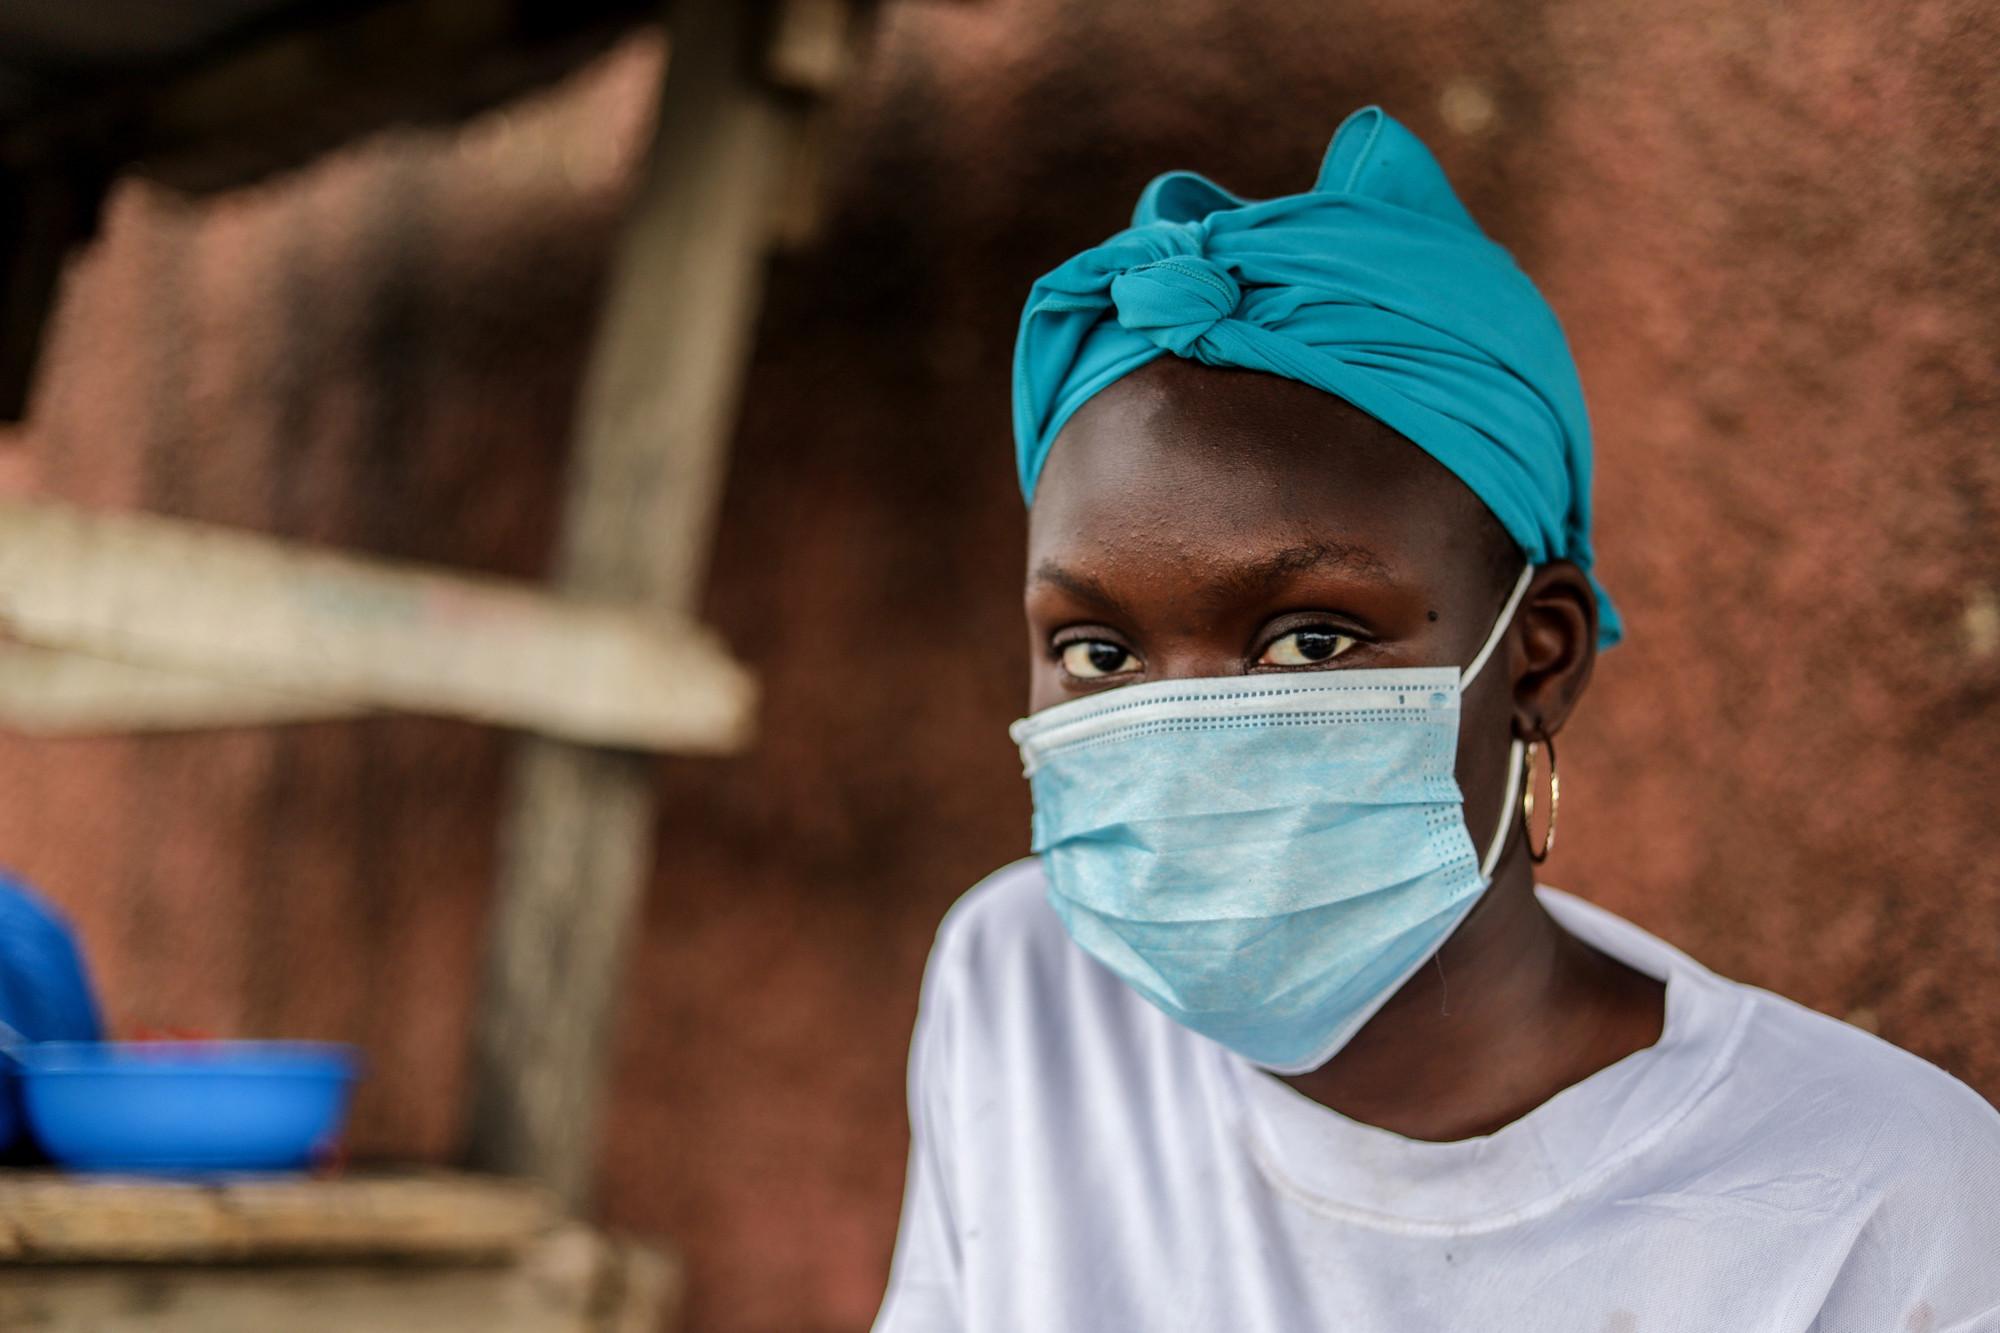 una mujer usa una mascarilla médica frente a un edificio de arcilla.